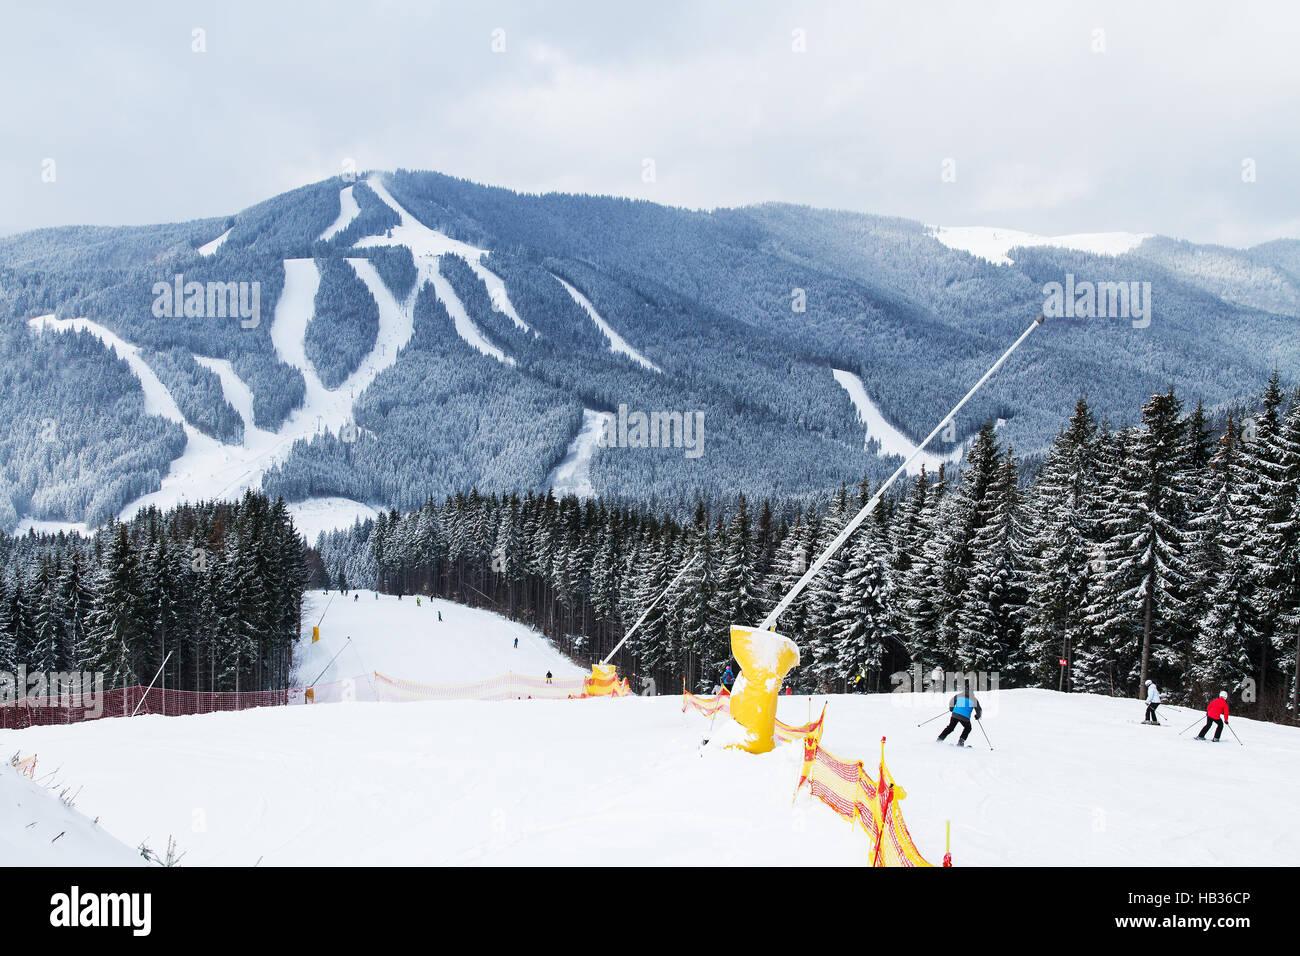 ski resort bukovel, ukraine stock photo: 127304710 - alamy